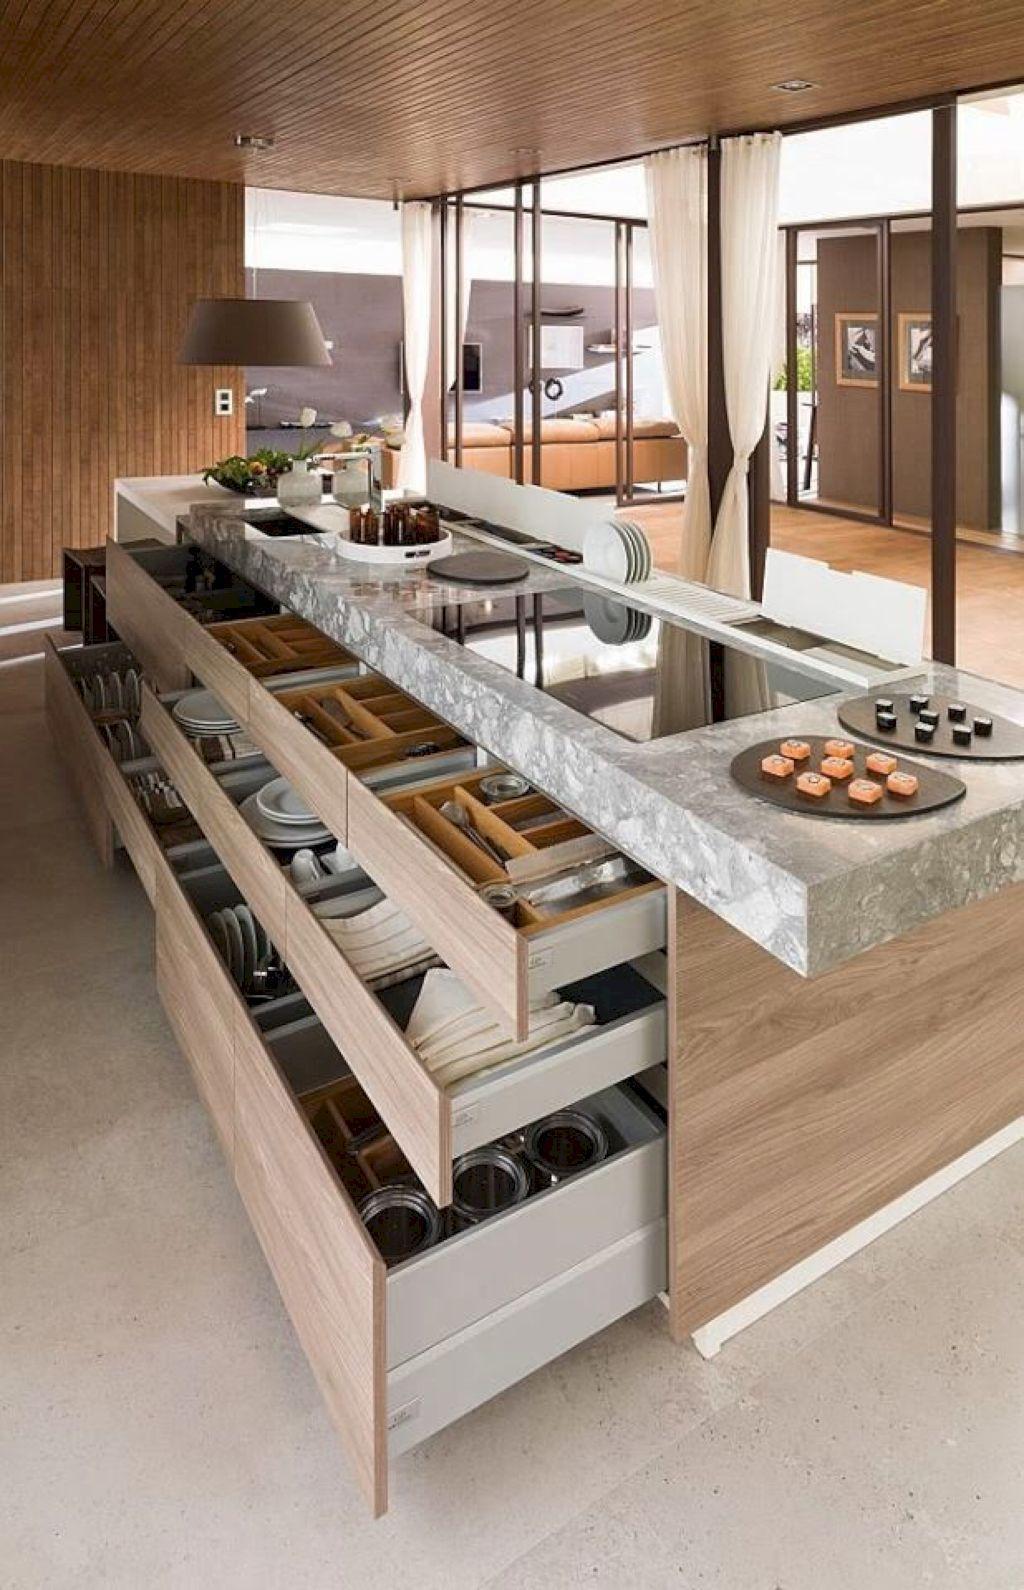 Best kitchen design ideas kitchendesign kitchen in